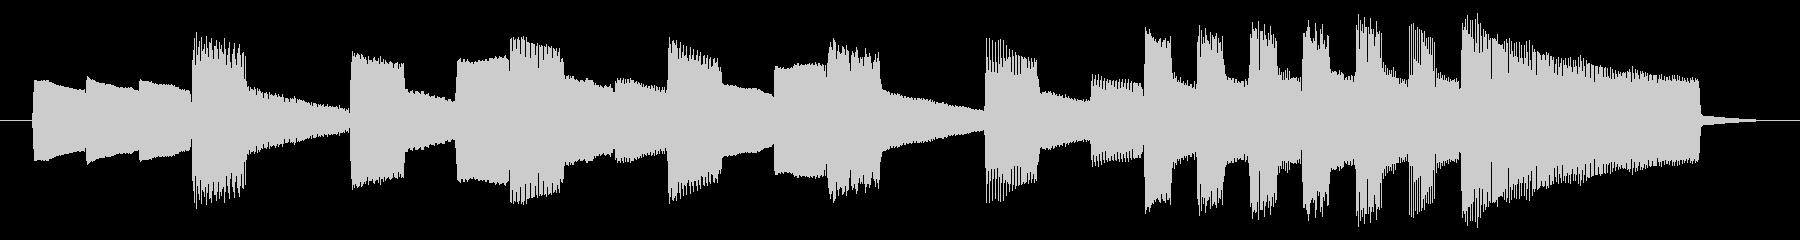 NES 汎用 A03-1(クリア1)の未再生の波形